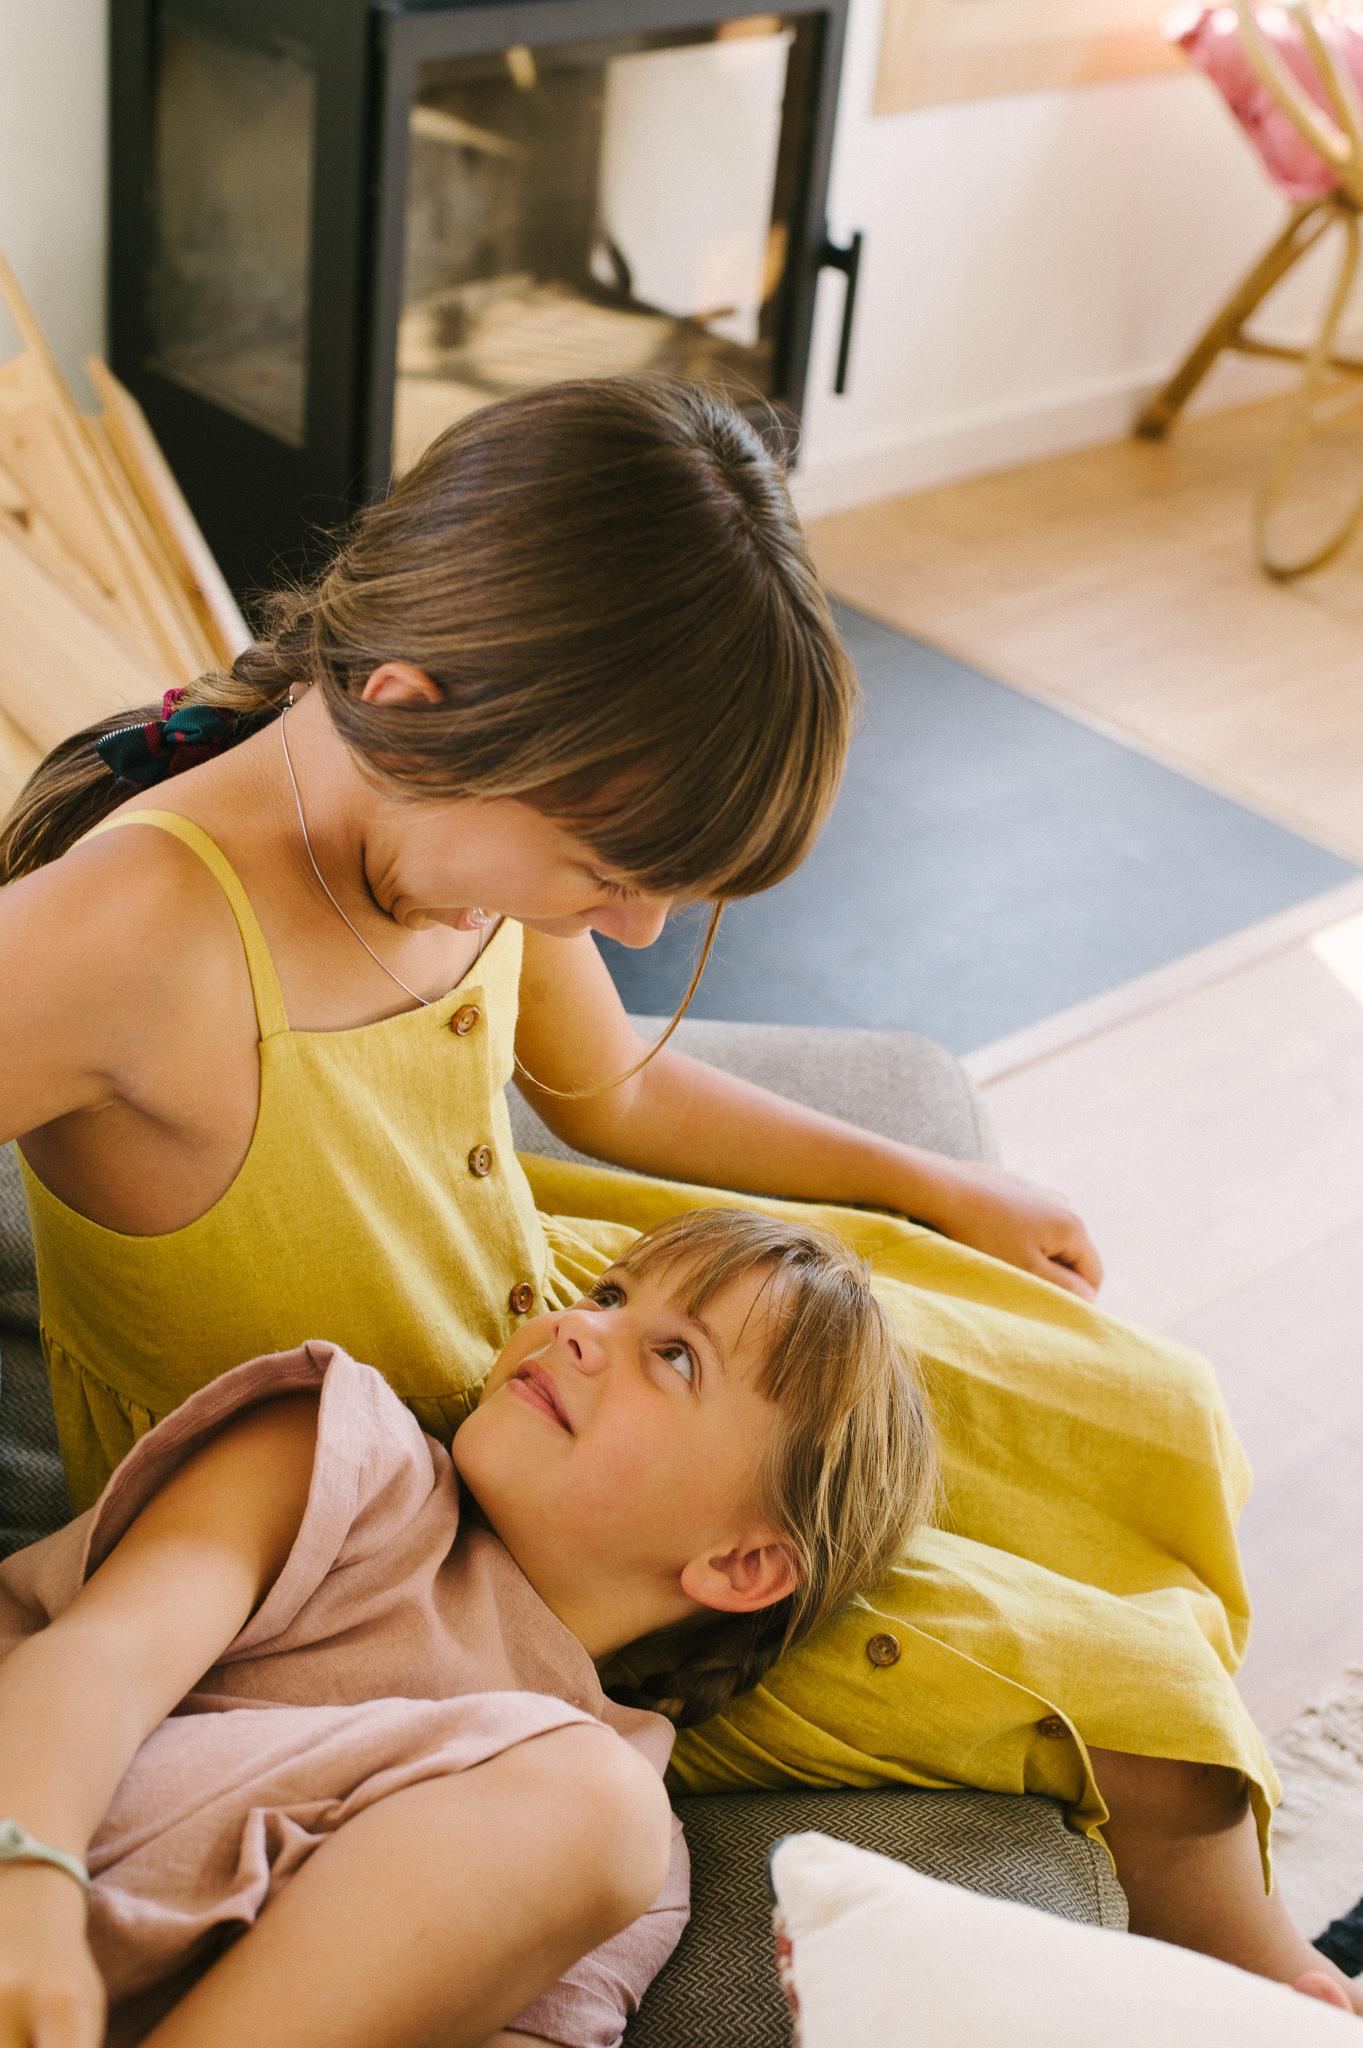 Loreto viste ropa de su propia marca,  Twothirds , Mar, Sohpie y Ada visten ropa de  AIÖ kids .